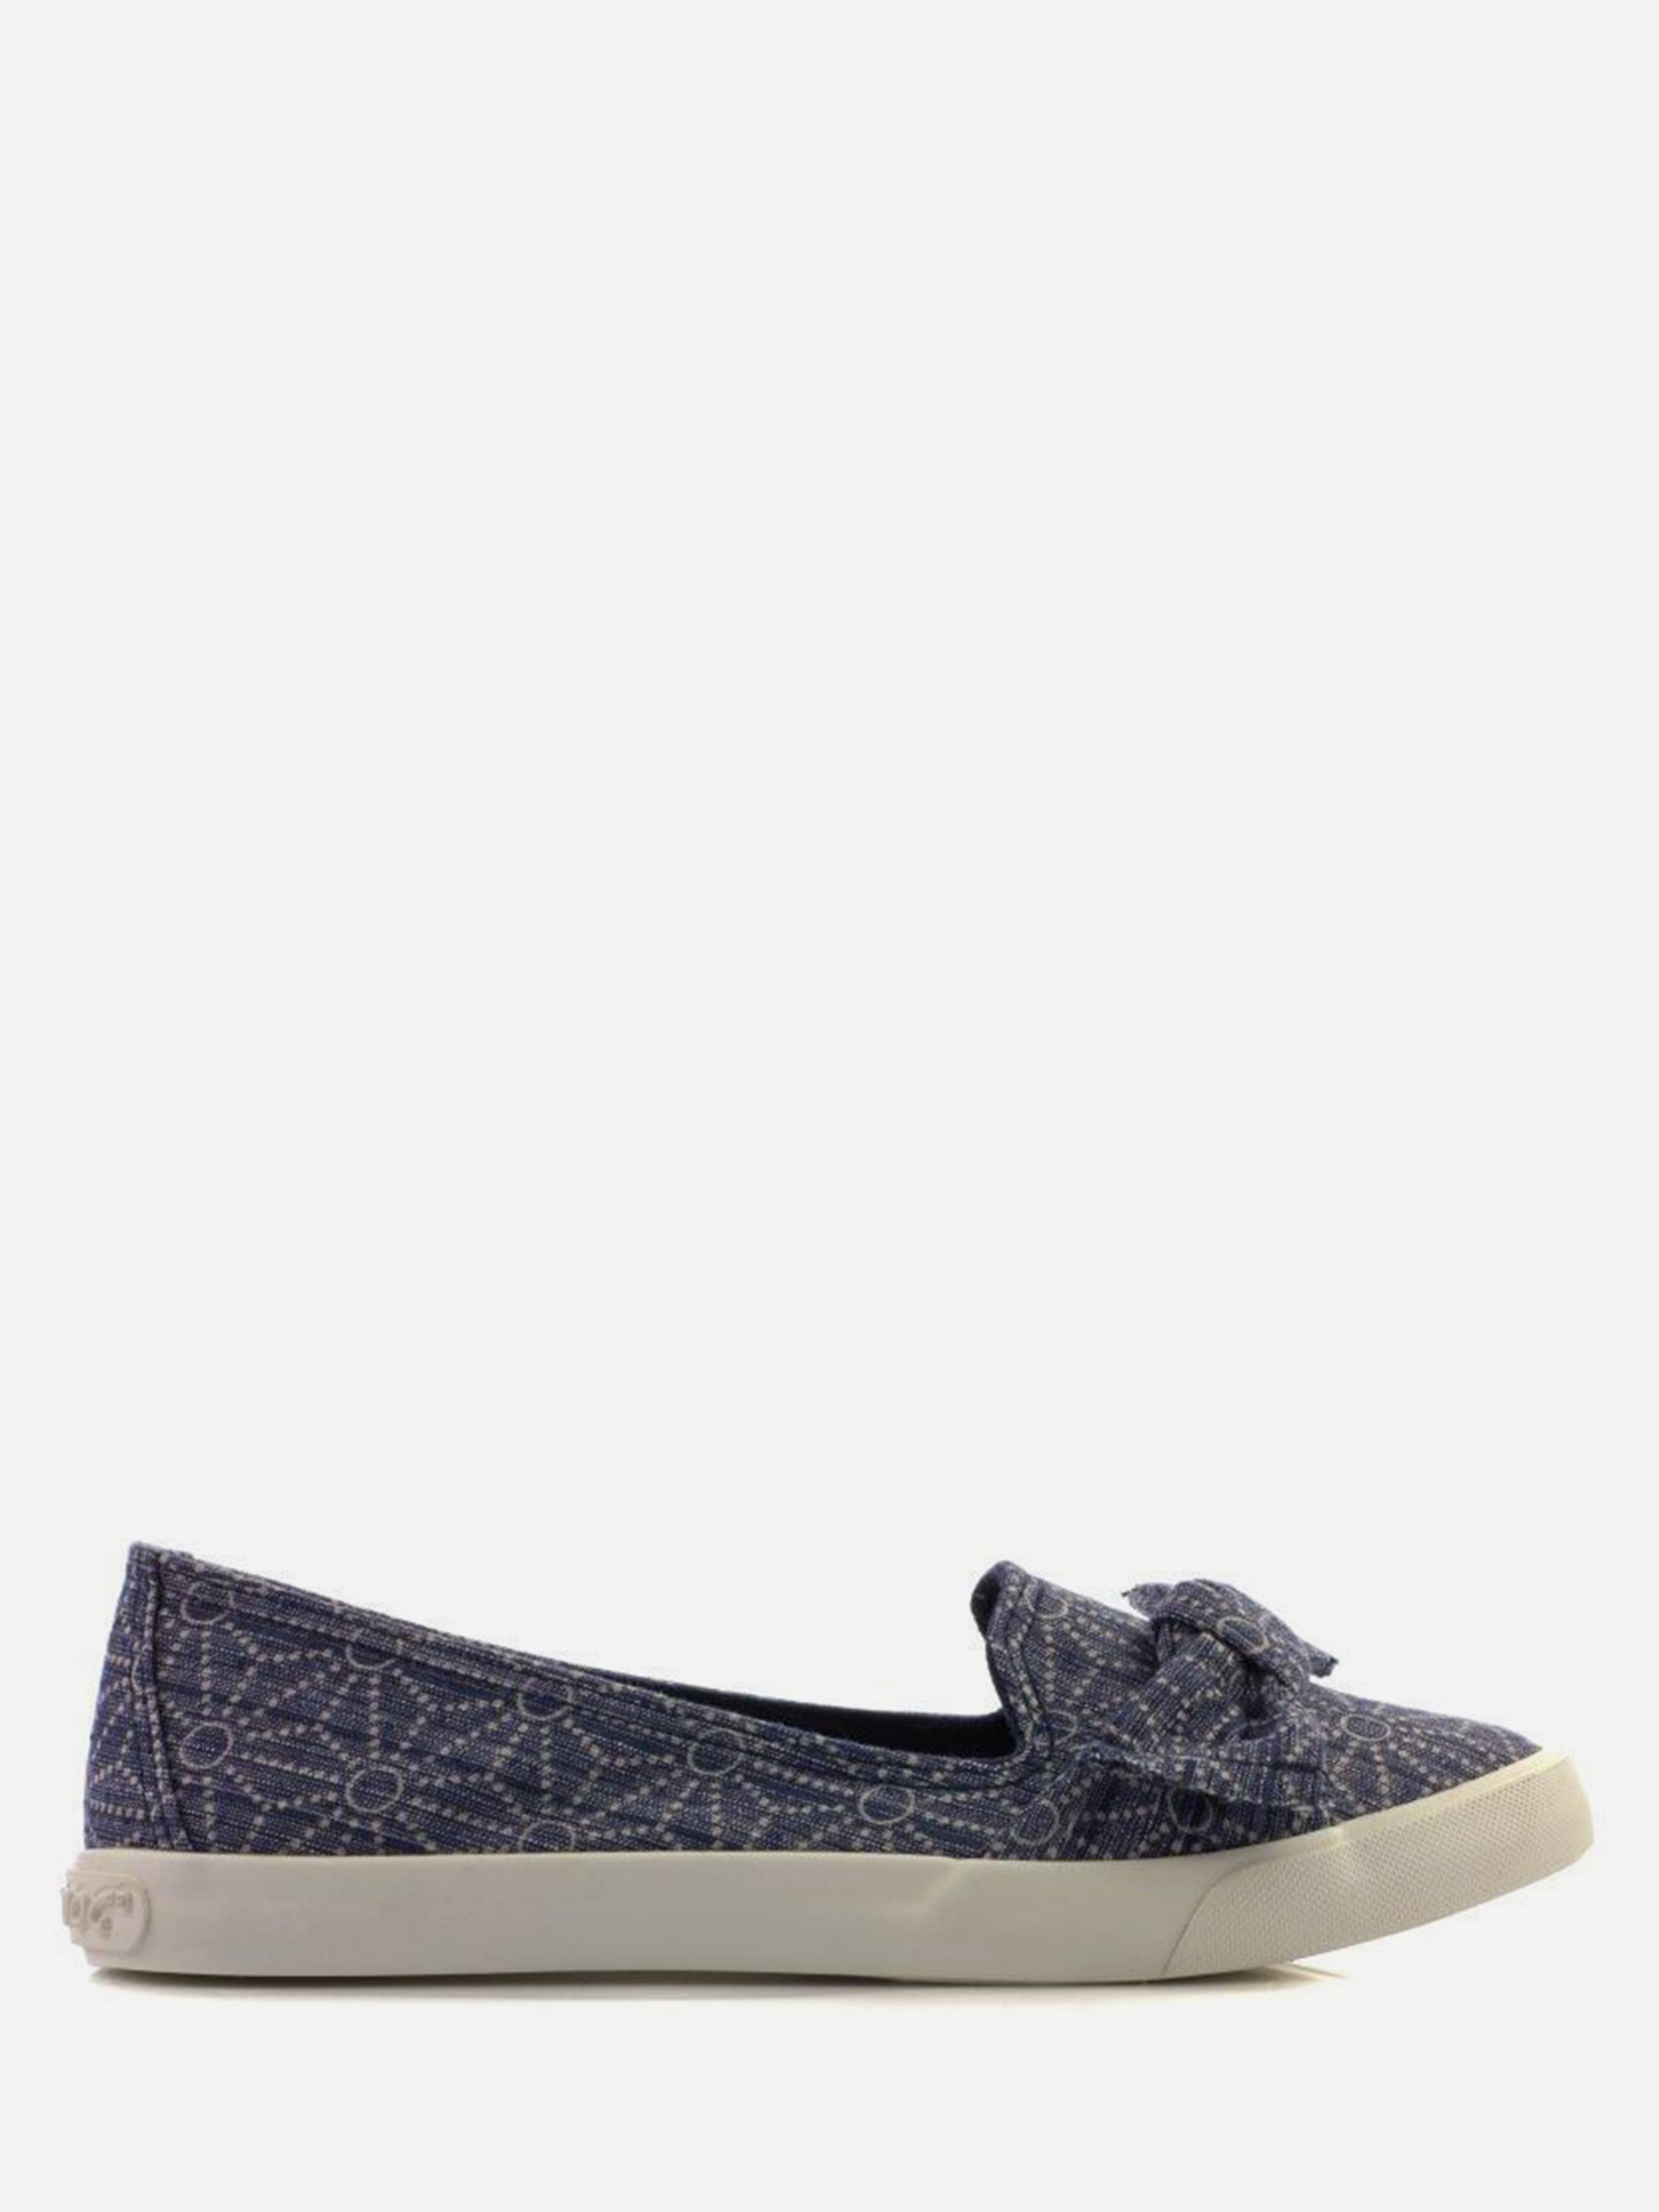 Cлипоны для женщин Rocket Dog CLARITA RG153 купить обувь, 2017